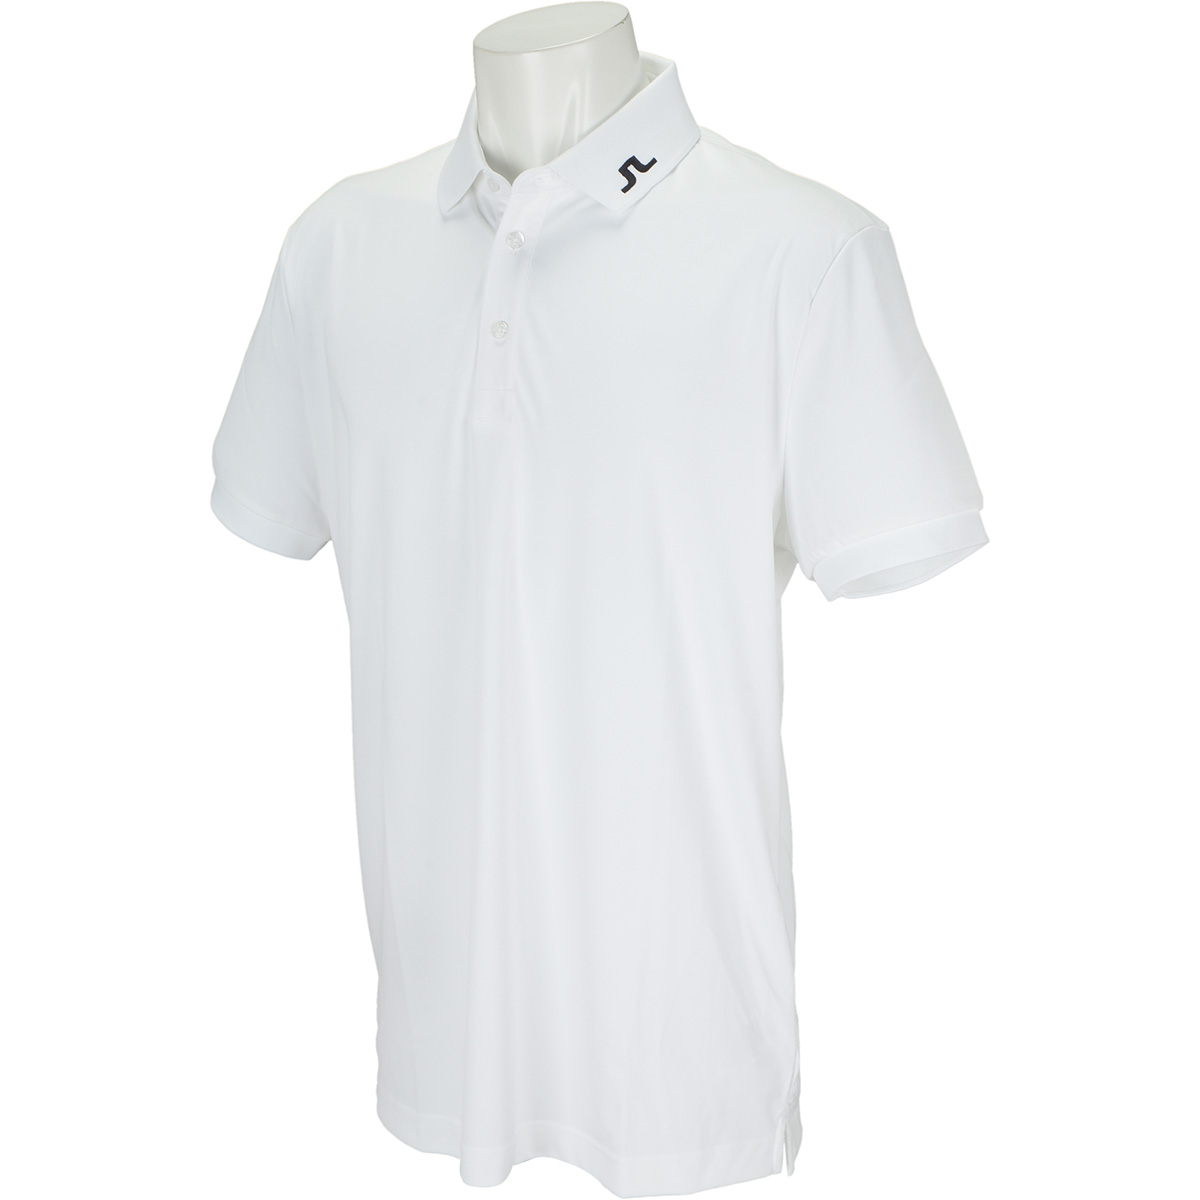 Regular Fit 半袖ポロシャツ